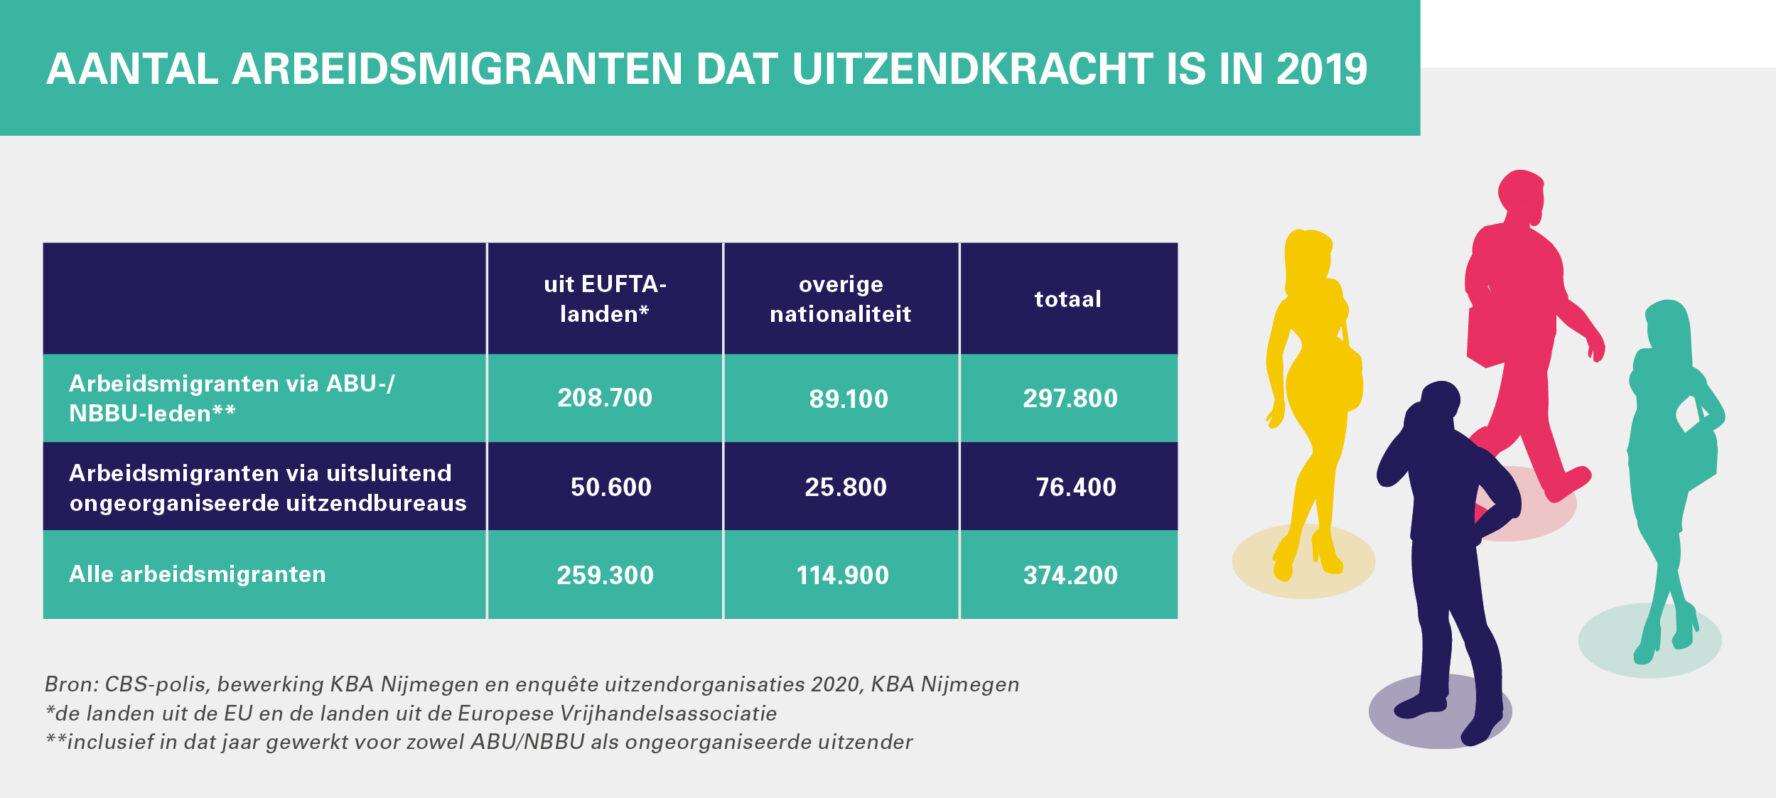 Aantal arbeidsmigranten dat uitzendkracht is in 2019